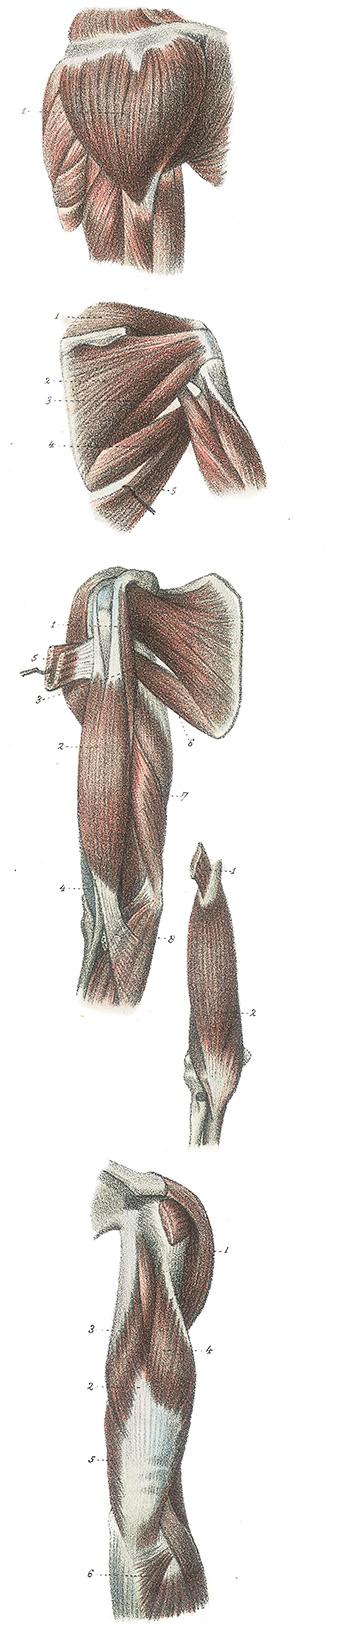 Anatomie van been